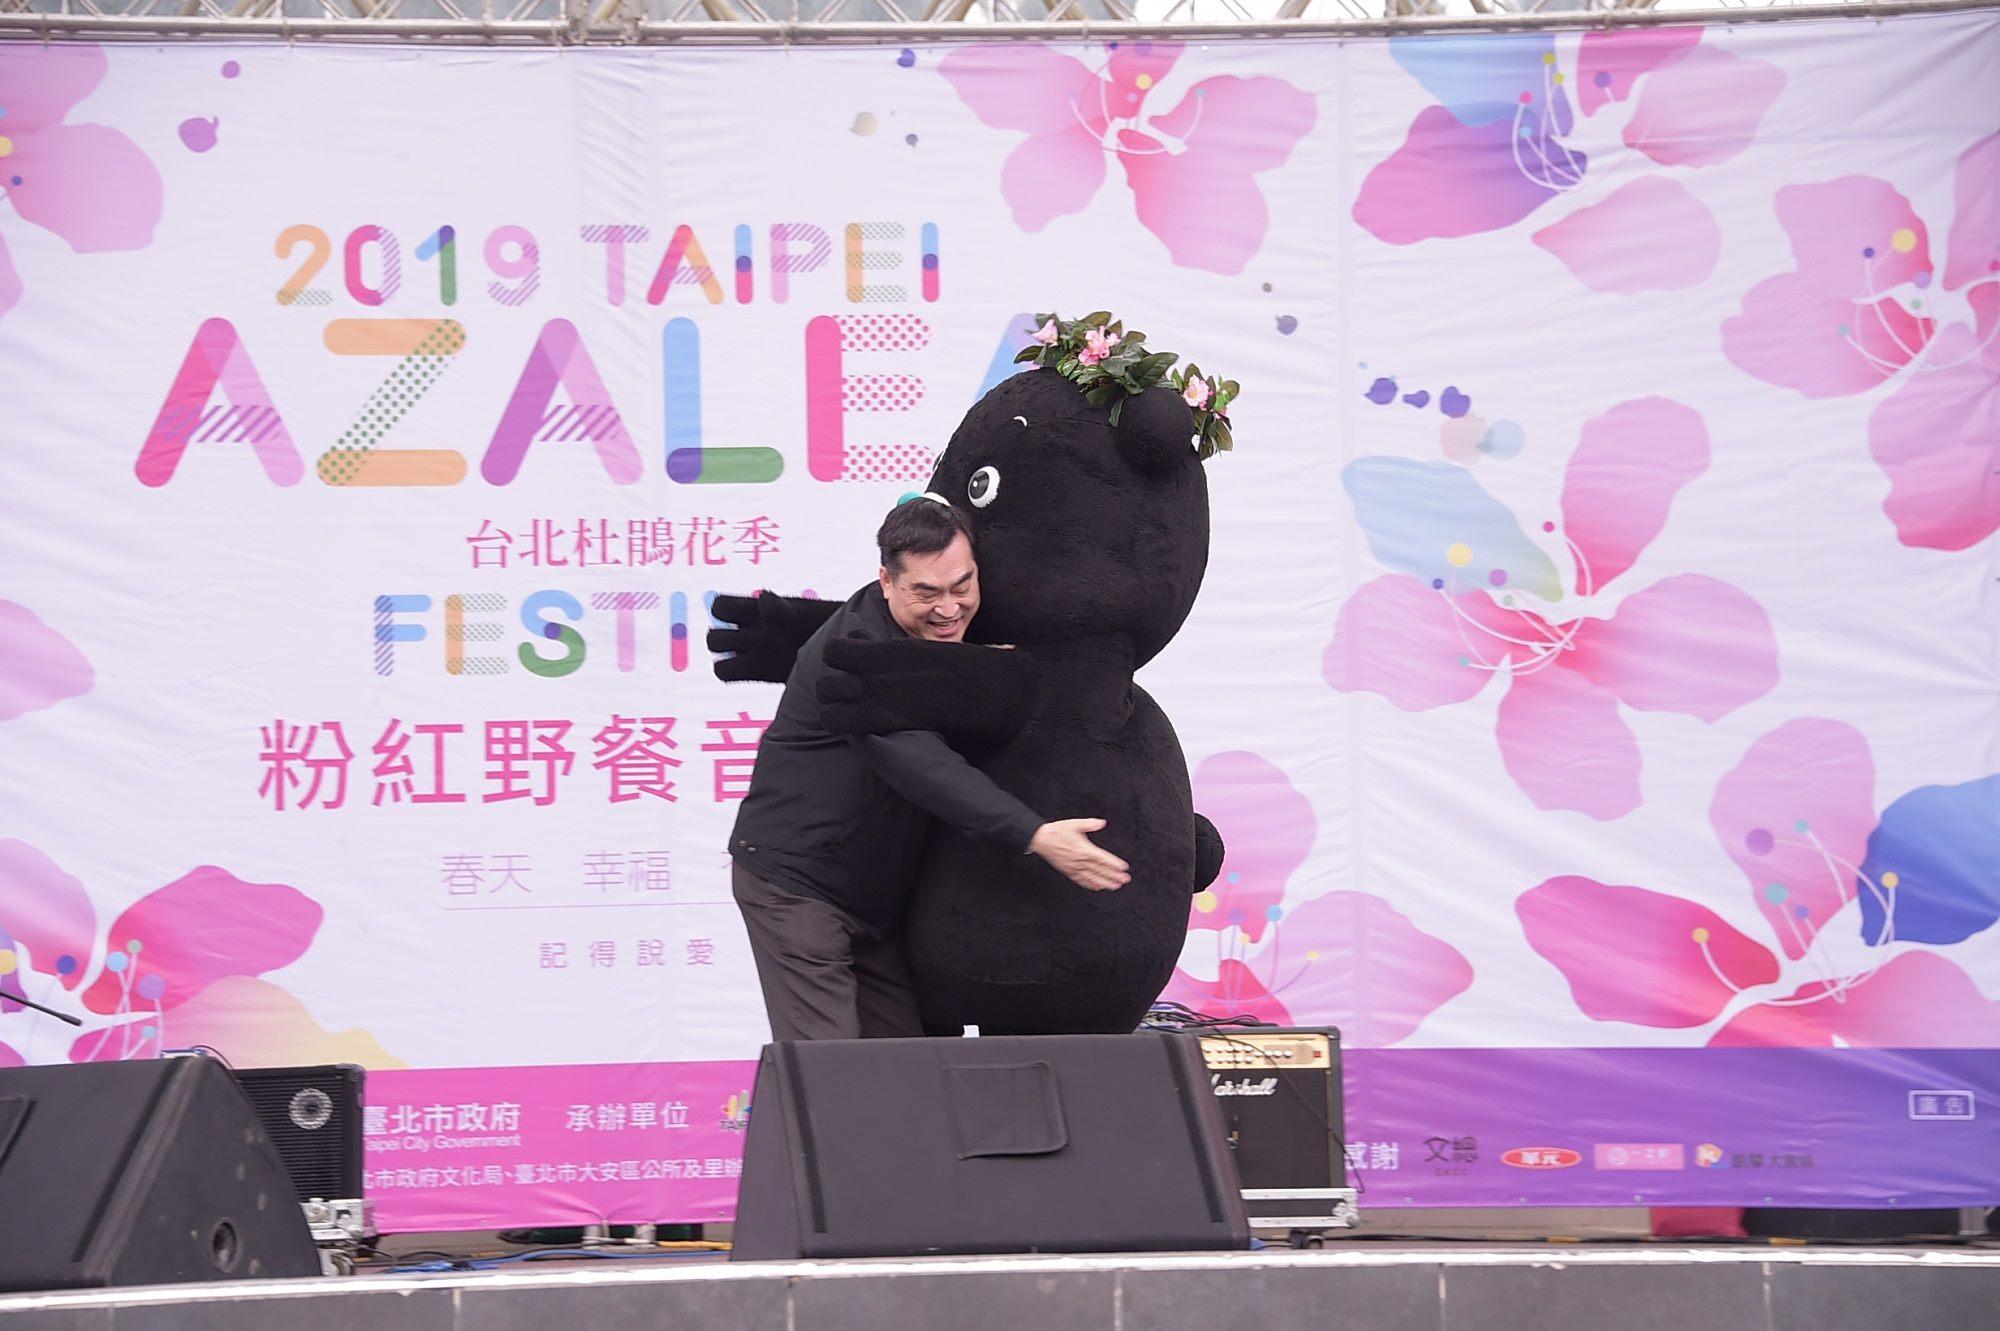 熊讚頭戴花圈與鄧家基副市長擁抱,熱情滿滿~